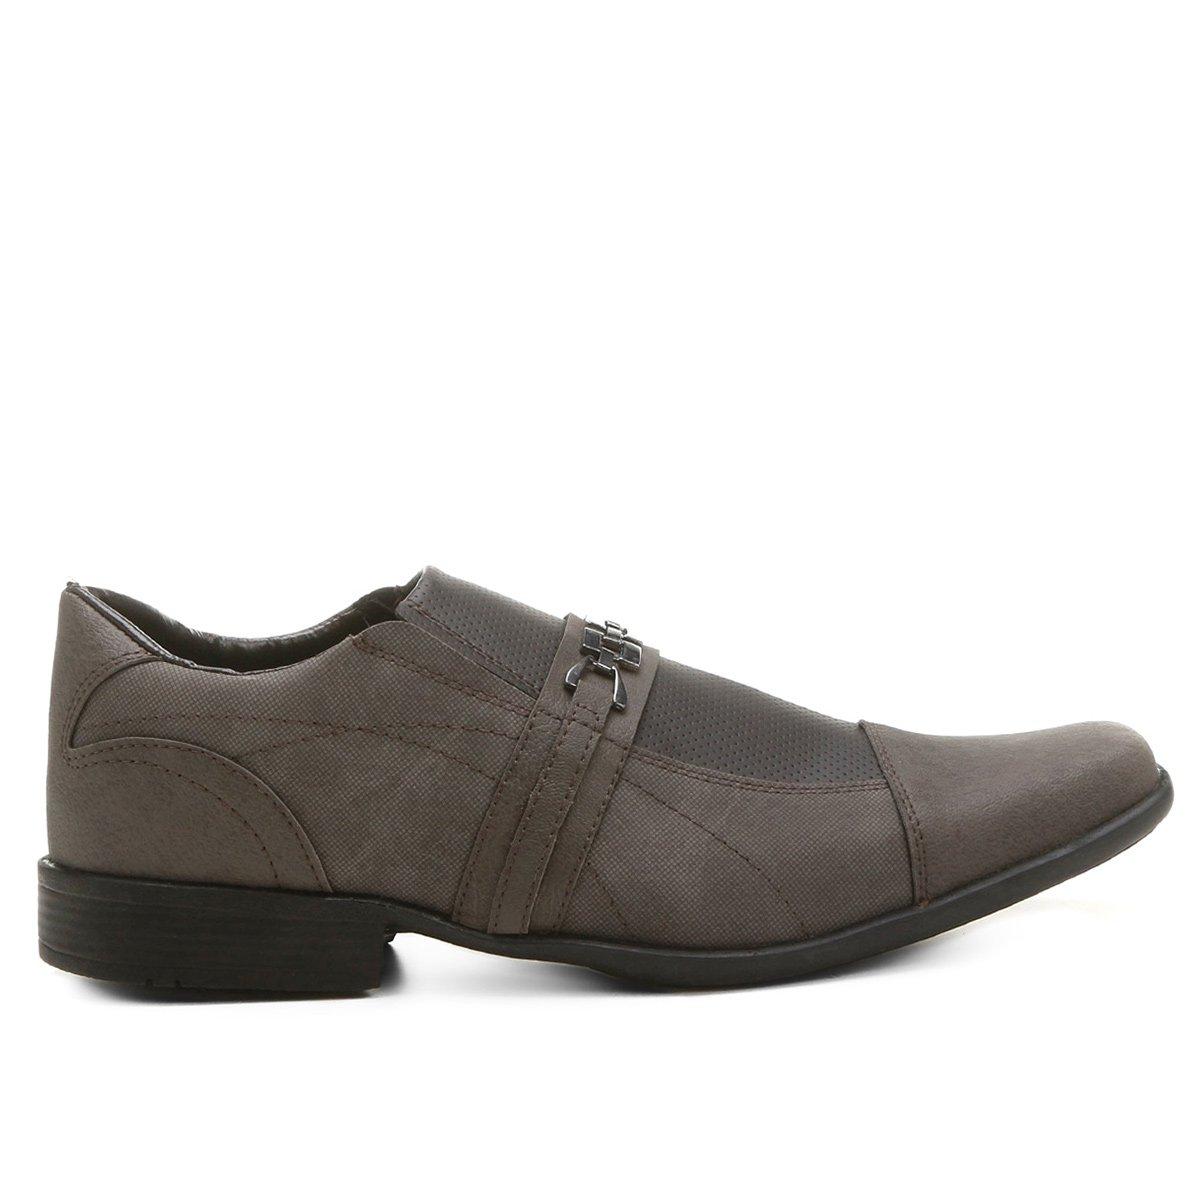 Sapato Social Sapato Social Walkabout Sapato Royale Royale Café Café Walkabout 5qwfXan4Ex